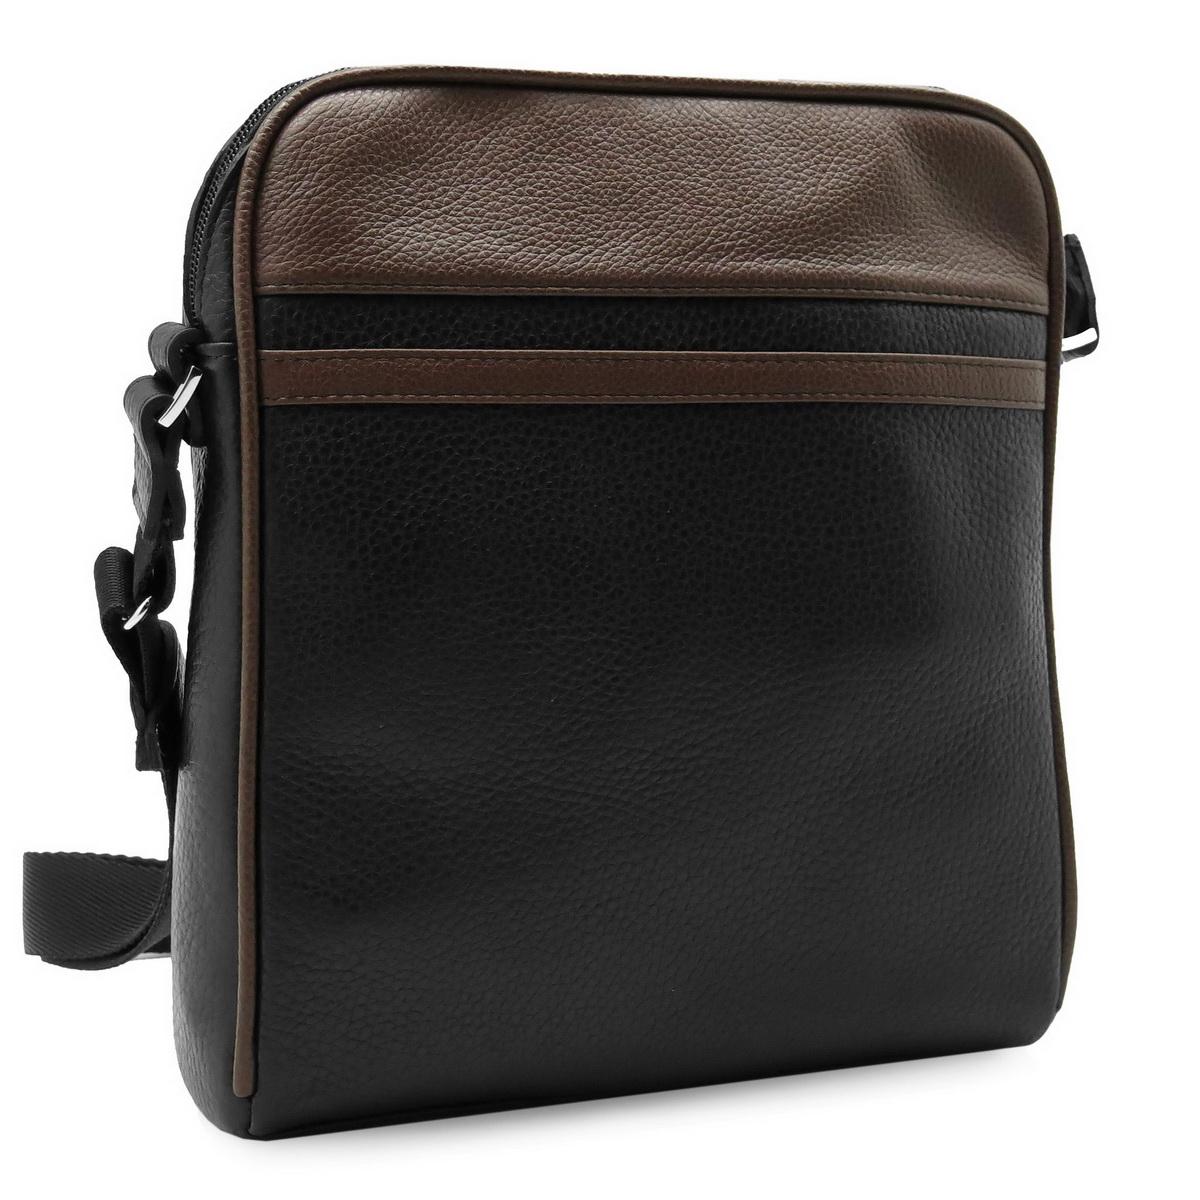 Сумка мужская Alexandr, цвет: черный, коричневый. П-33/63П-33/63Стильная мужская сумка Alexandr изготовлена из натуральной кожи с зернистой фактурой, оформлена металлической фурнитурой и вставками из кожи коричневого цвета. Изделие содержит одно отделение, которое закрывается на застежку-молнию. Внутри сумки расположен врезной карман на молнии. Задняя стенка сумки дополнена врезным карманом на молнии. Изделие оснащено наплечным ремнем, длина которого регулируется при помощи пряжки. Практичный аксессуар вместит в себя все необходимое и позволит сохранить ваши документы.